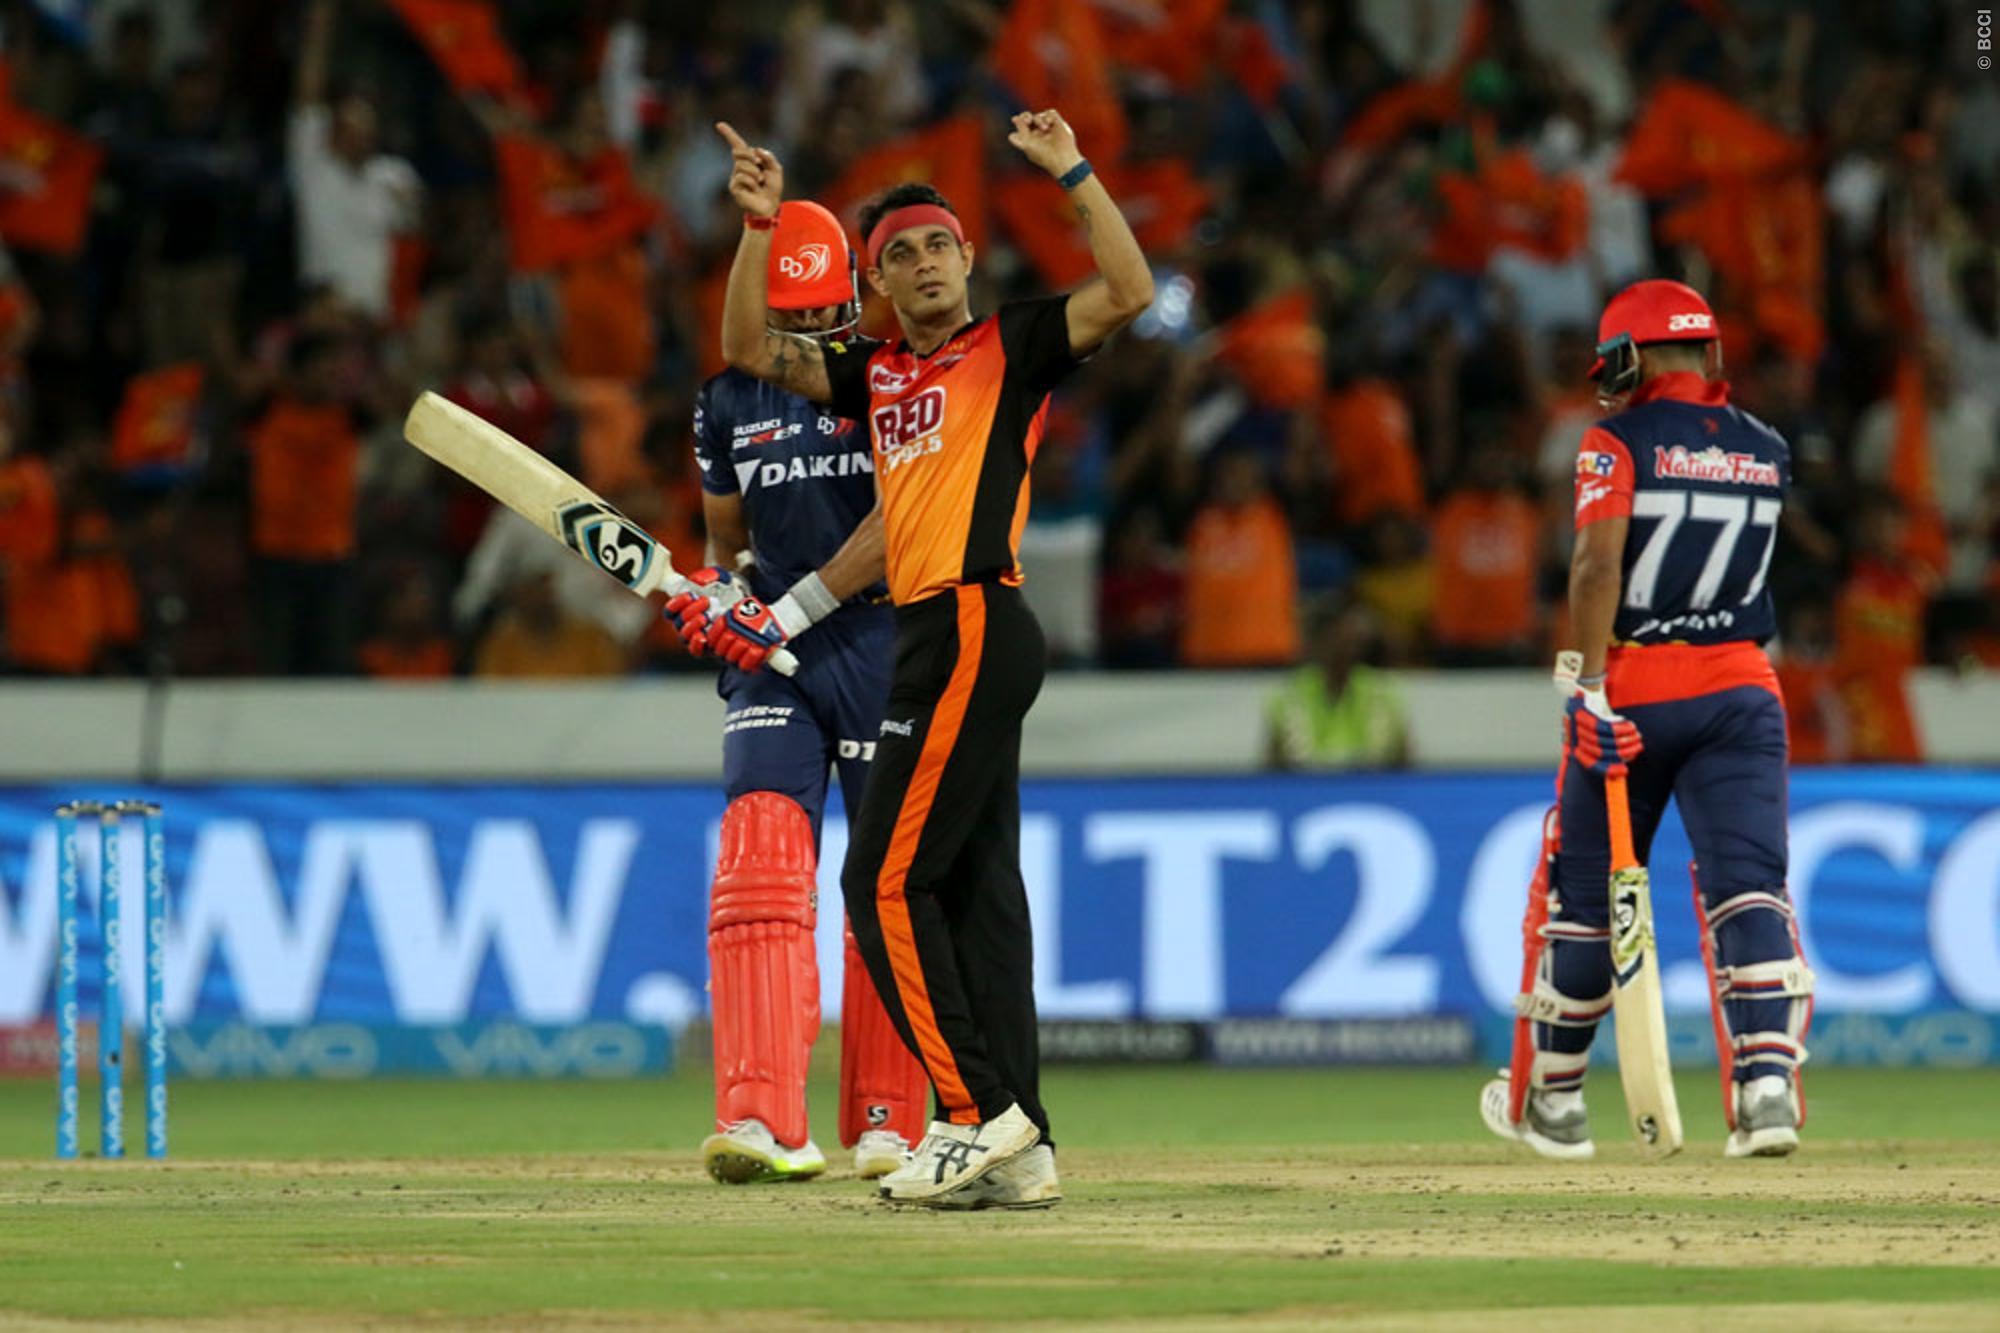 IPL 2018: टॉस से पहले ही अगर श्रेयस अय्यर ने नहीं की होती ये गलती तो दिल्ली डेयर डेविल्स का जीतना था तय 2